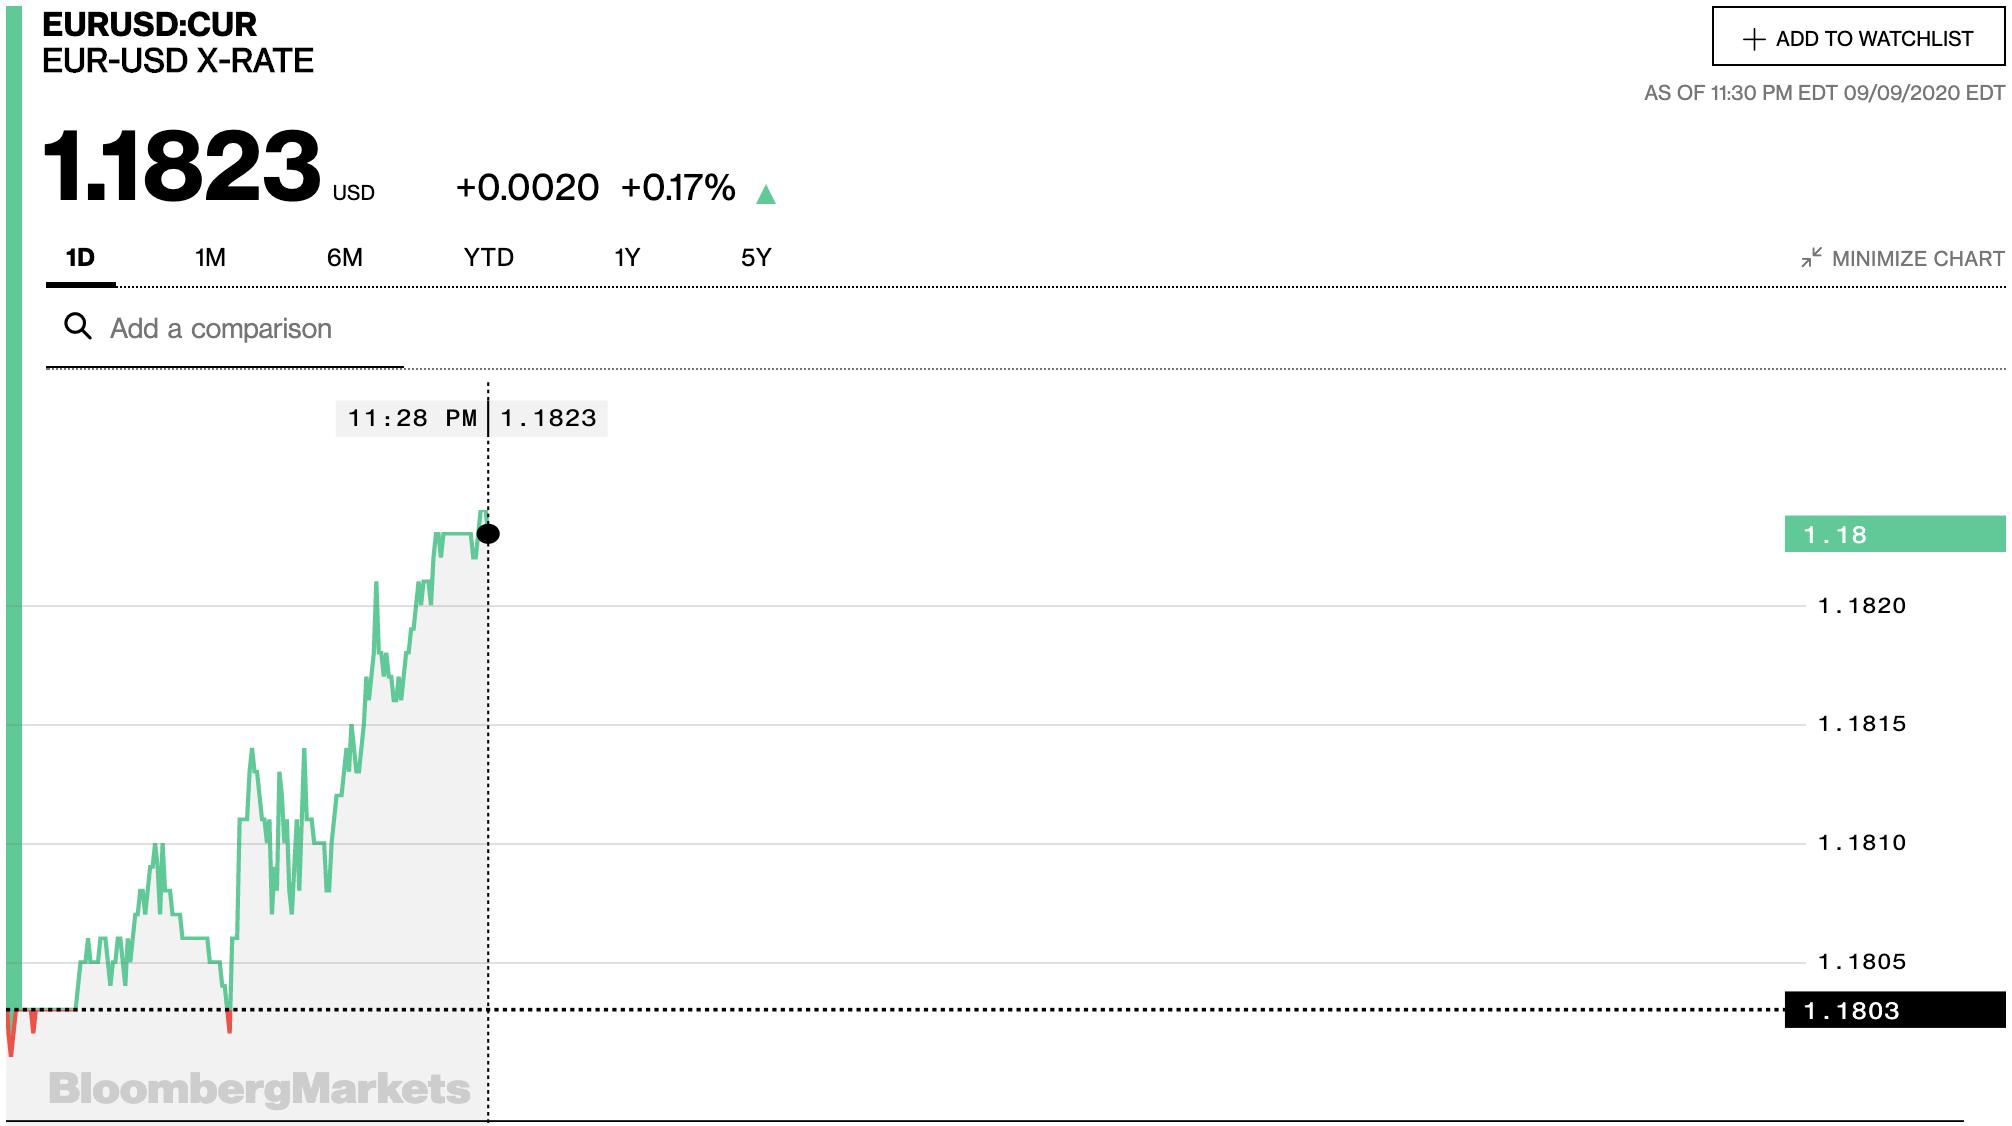 Tỷ giá euro hôm nay 10/9: Bất ngờ đồng loạt quay đầu tăng tại các ngân hàng - Ảnh 2.